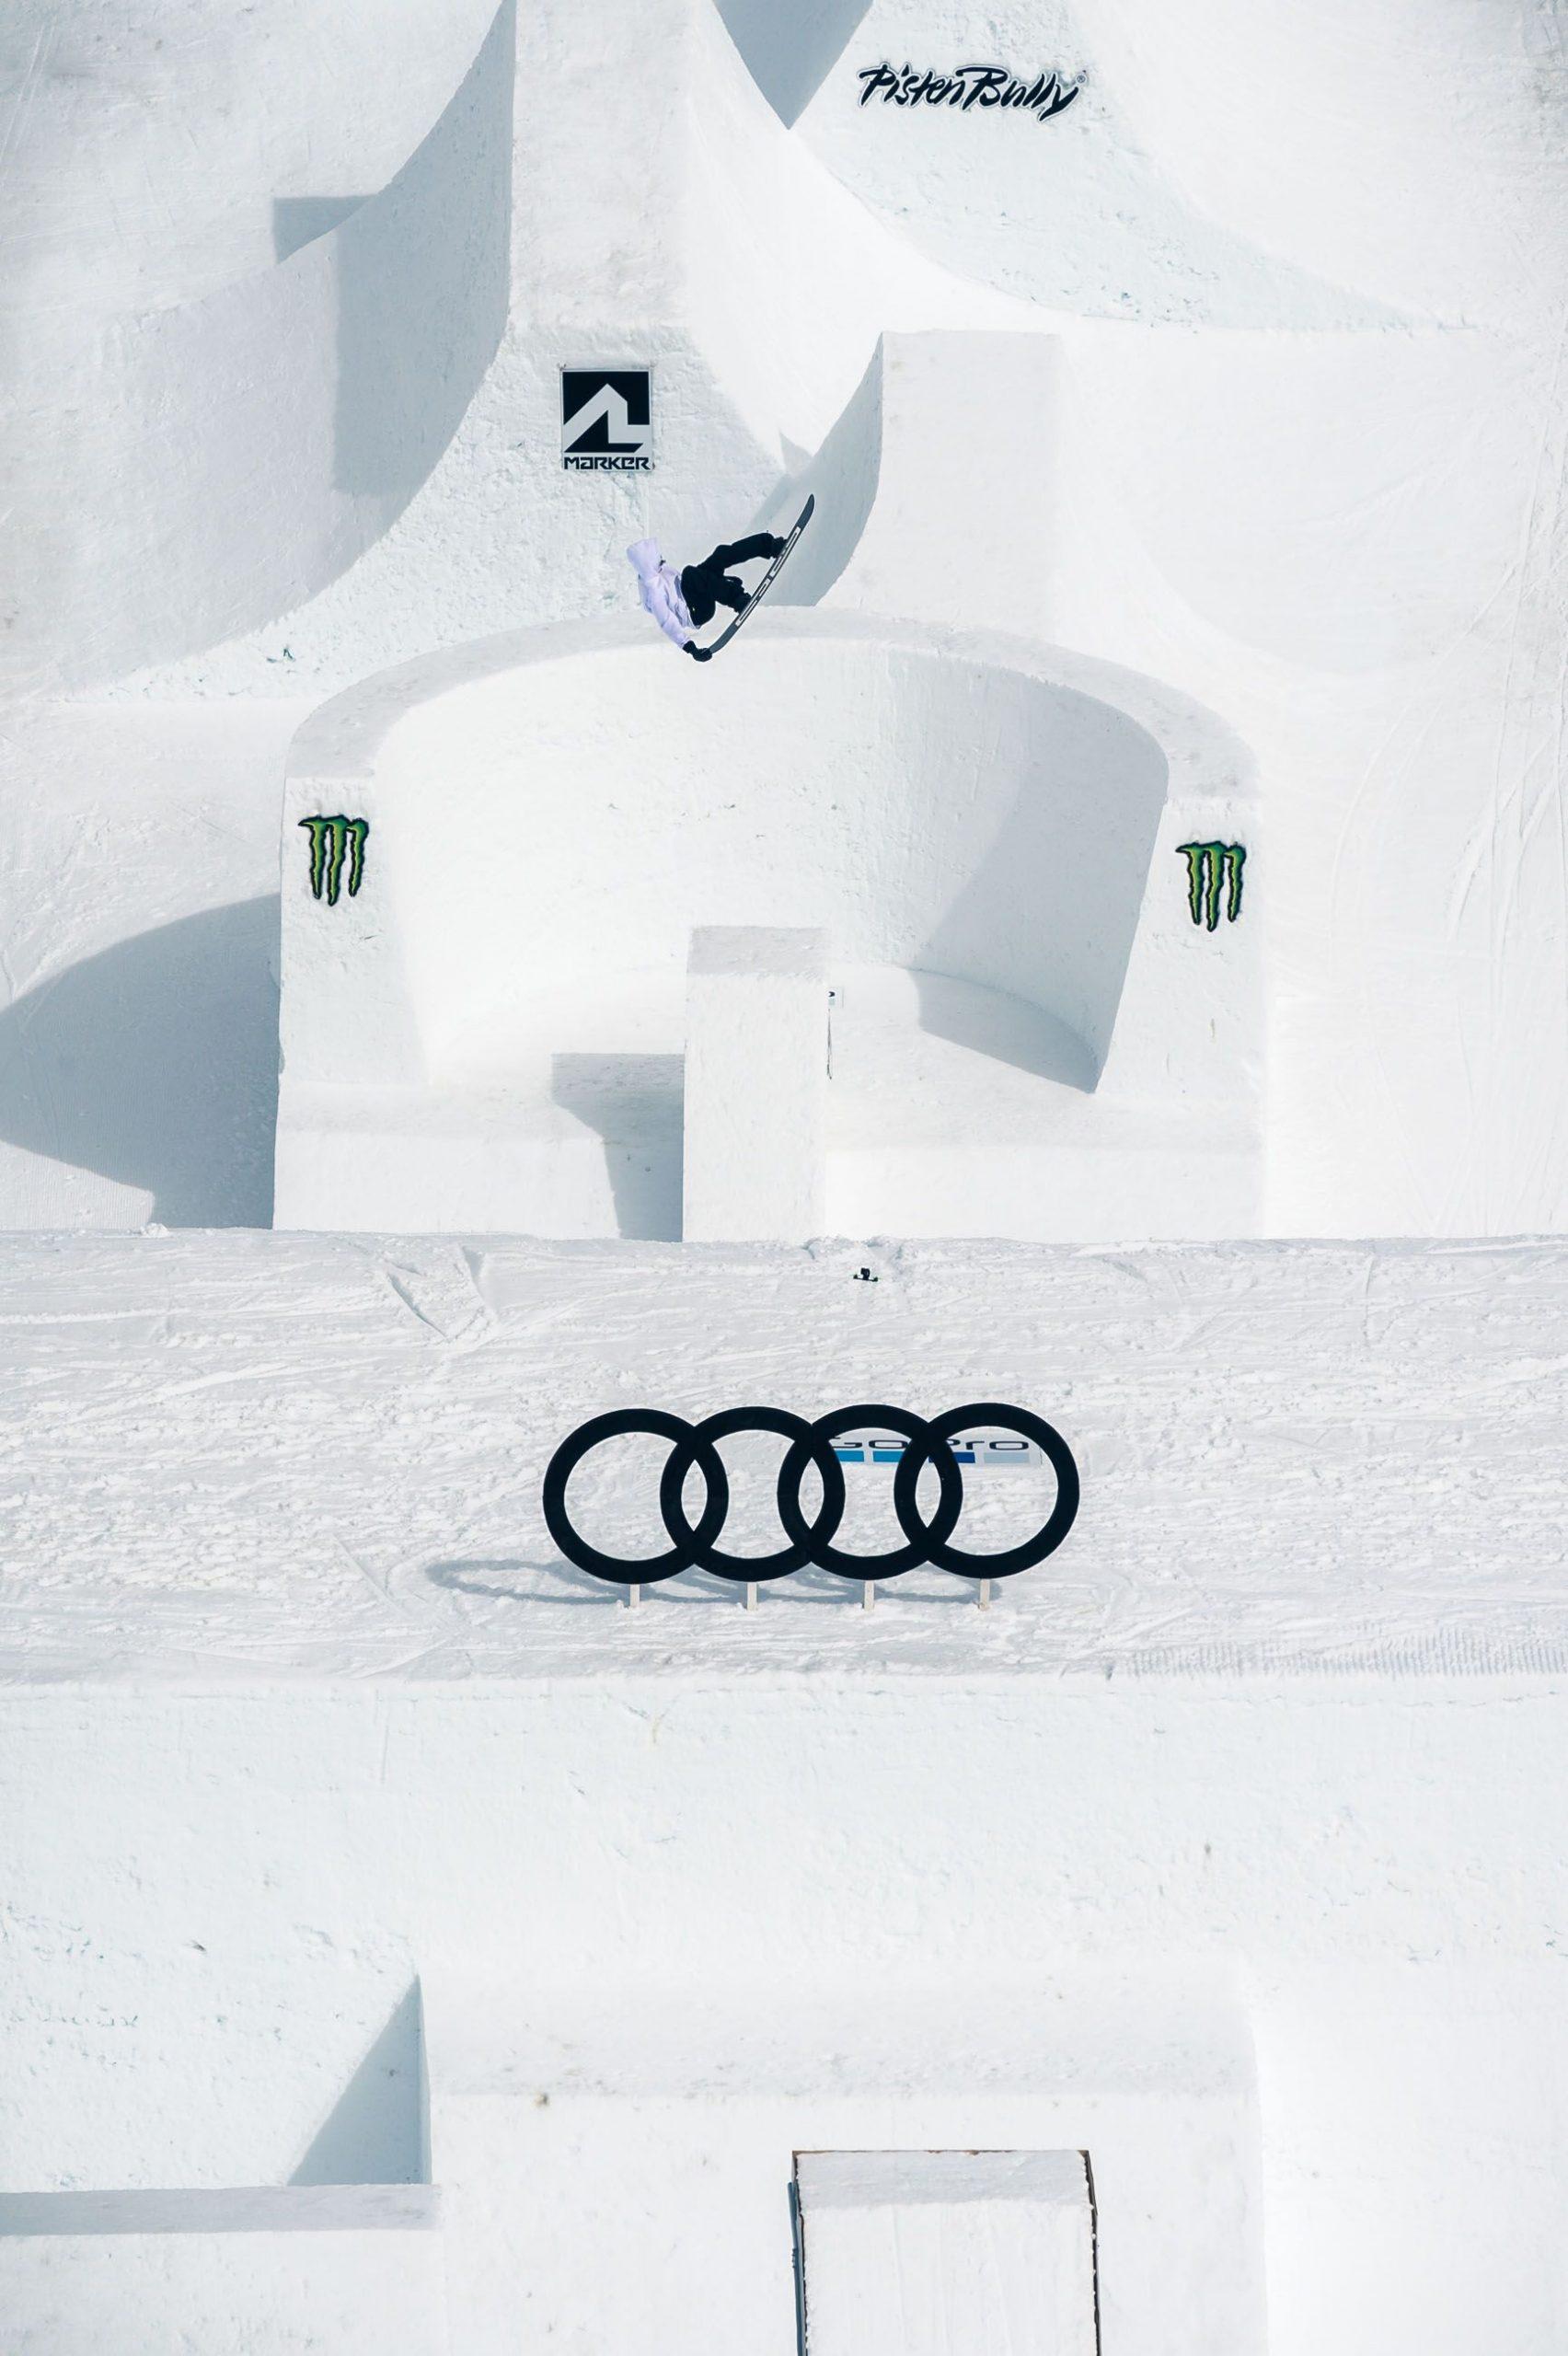 Audi Nines 2021